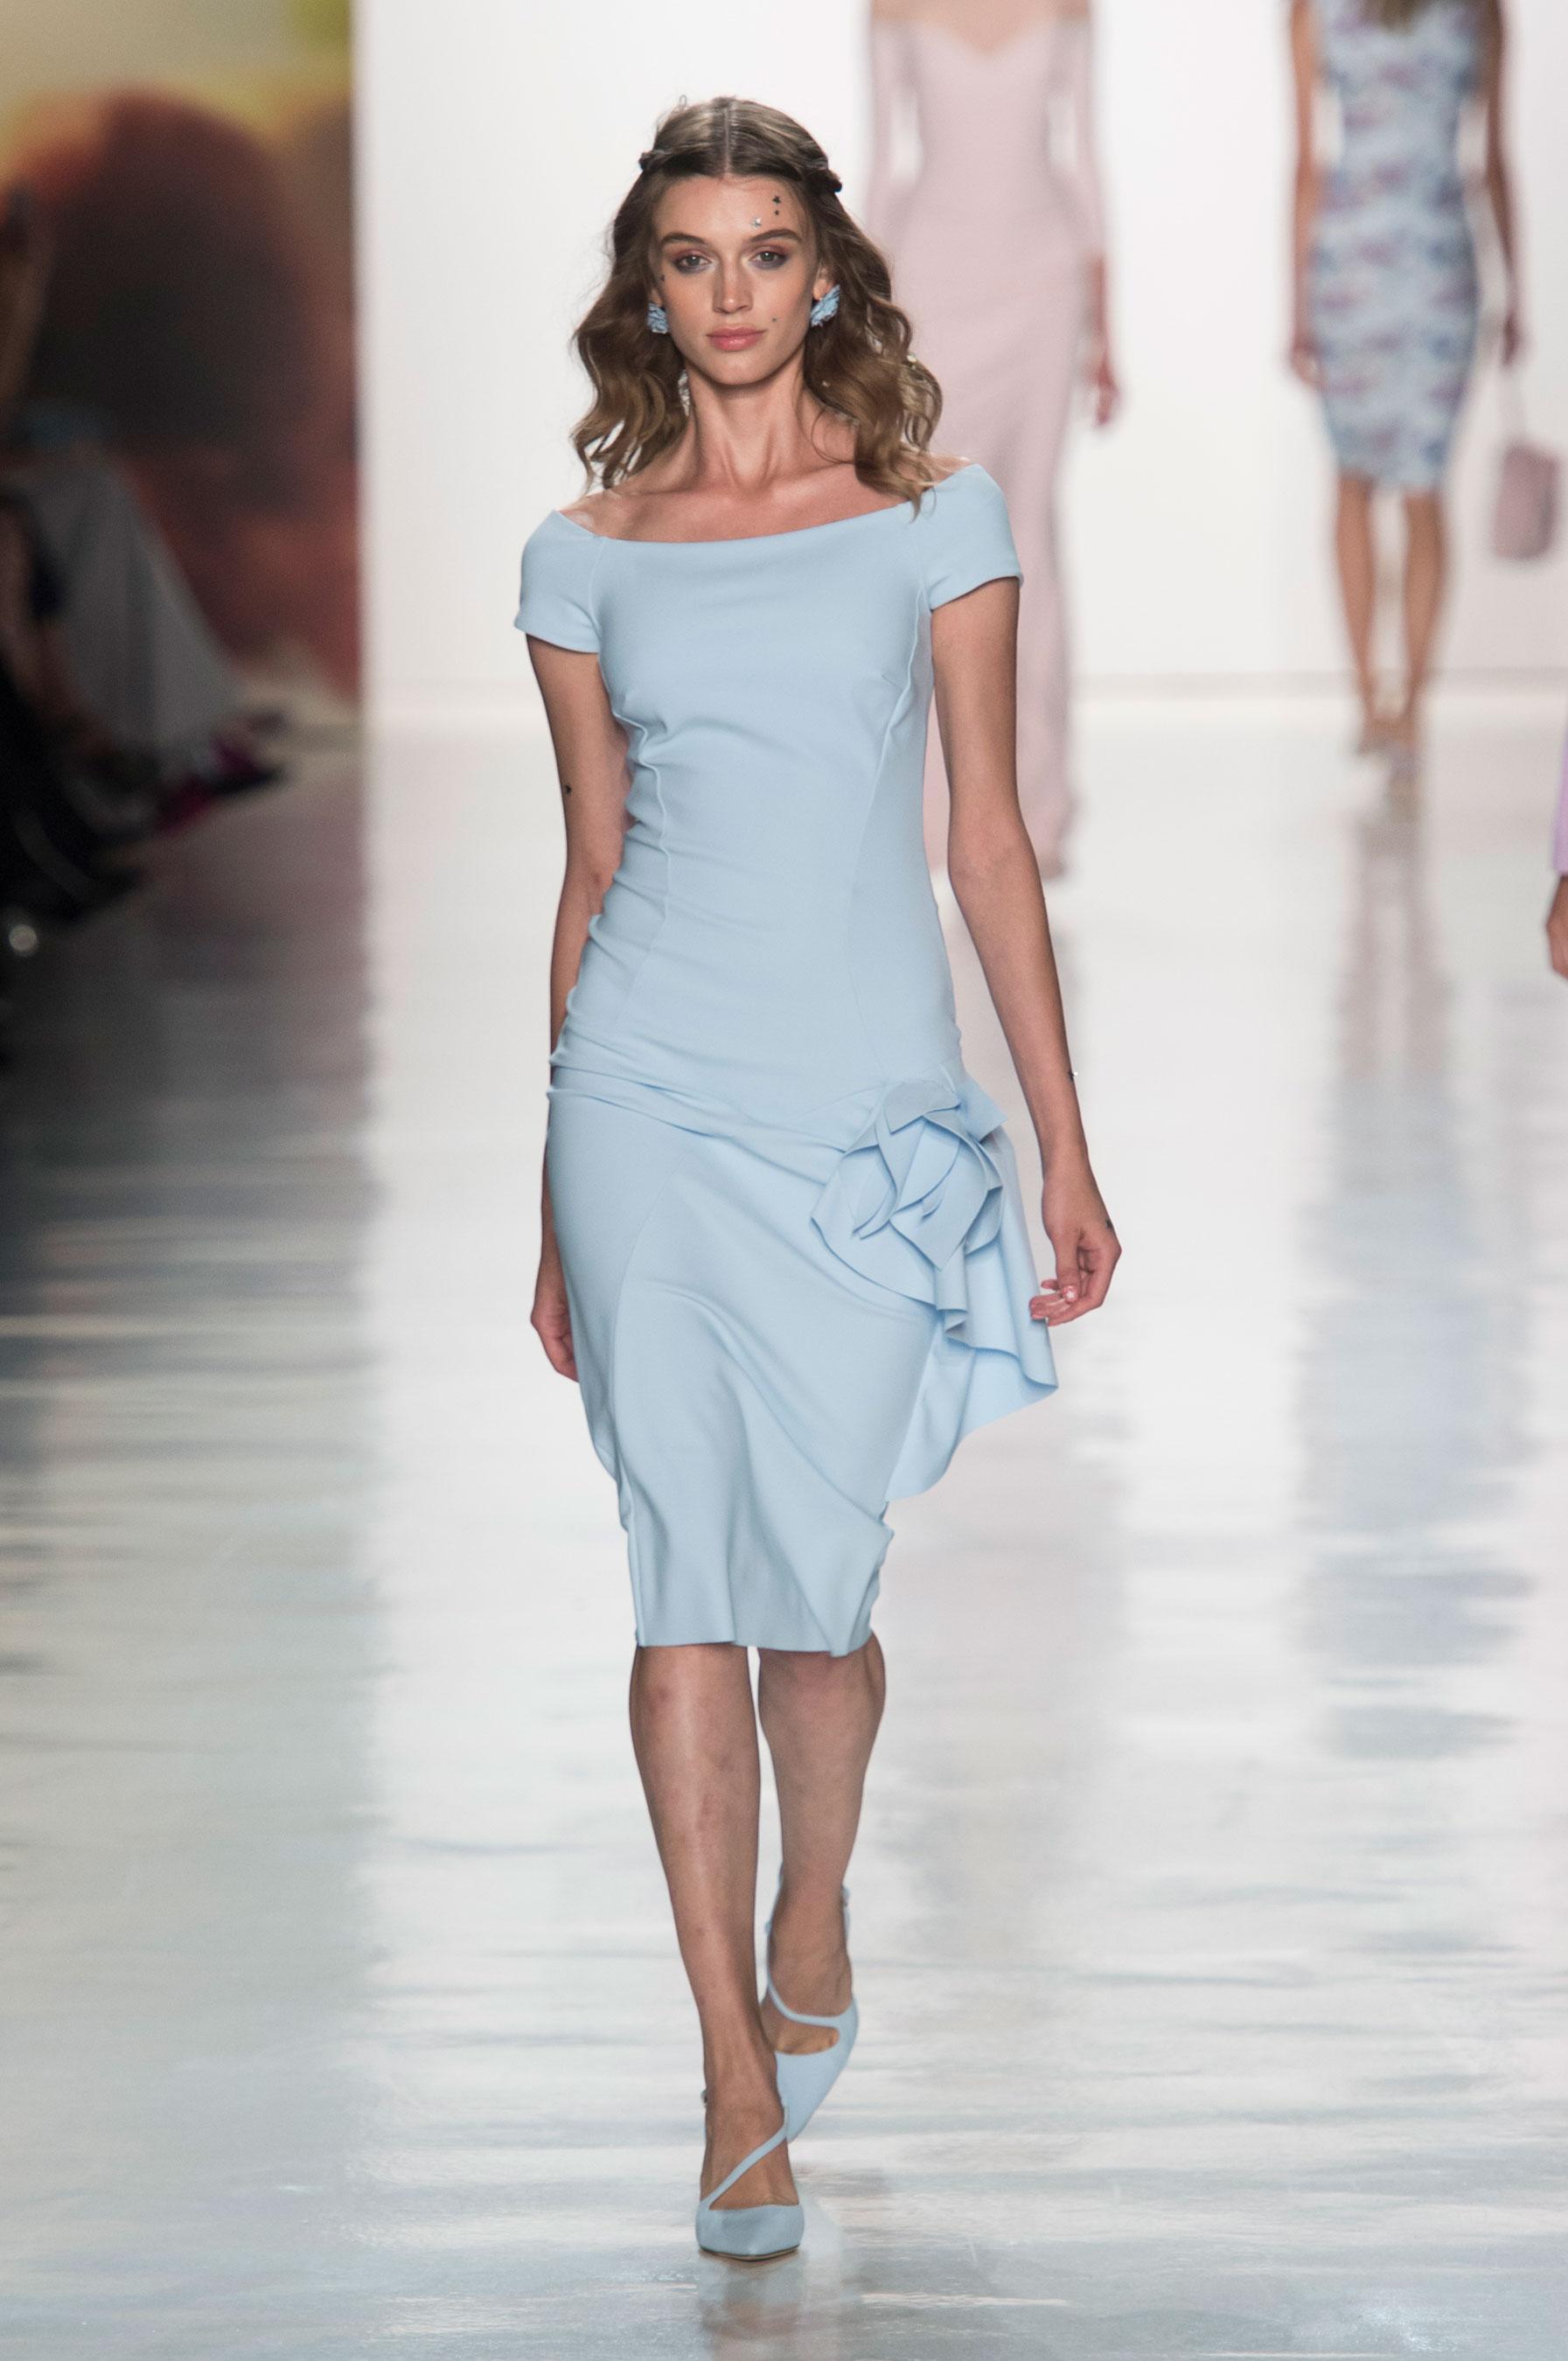 Défilé Chiara Boni La Petite Robe printemps,été 2018, New York , Look 21.